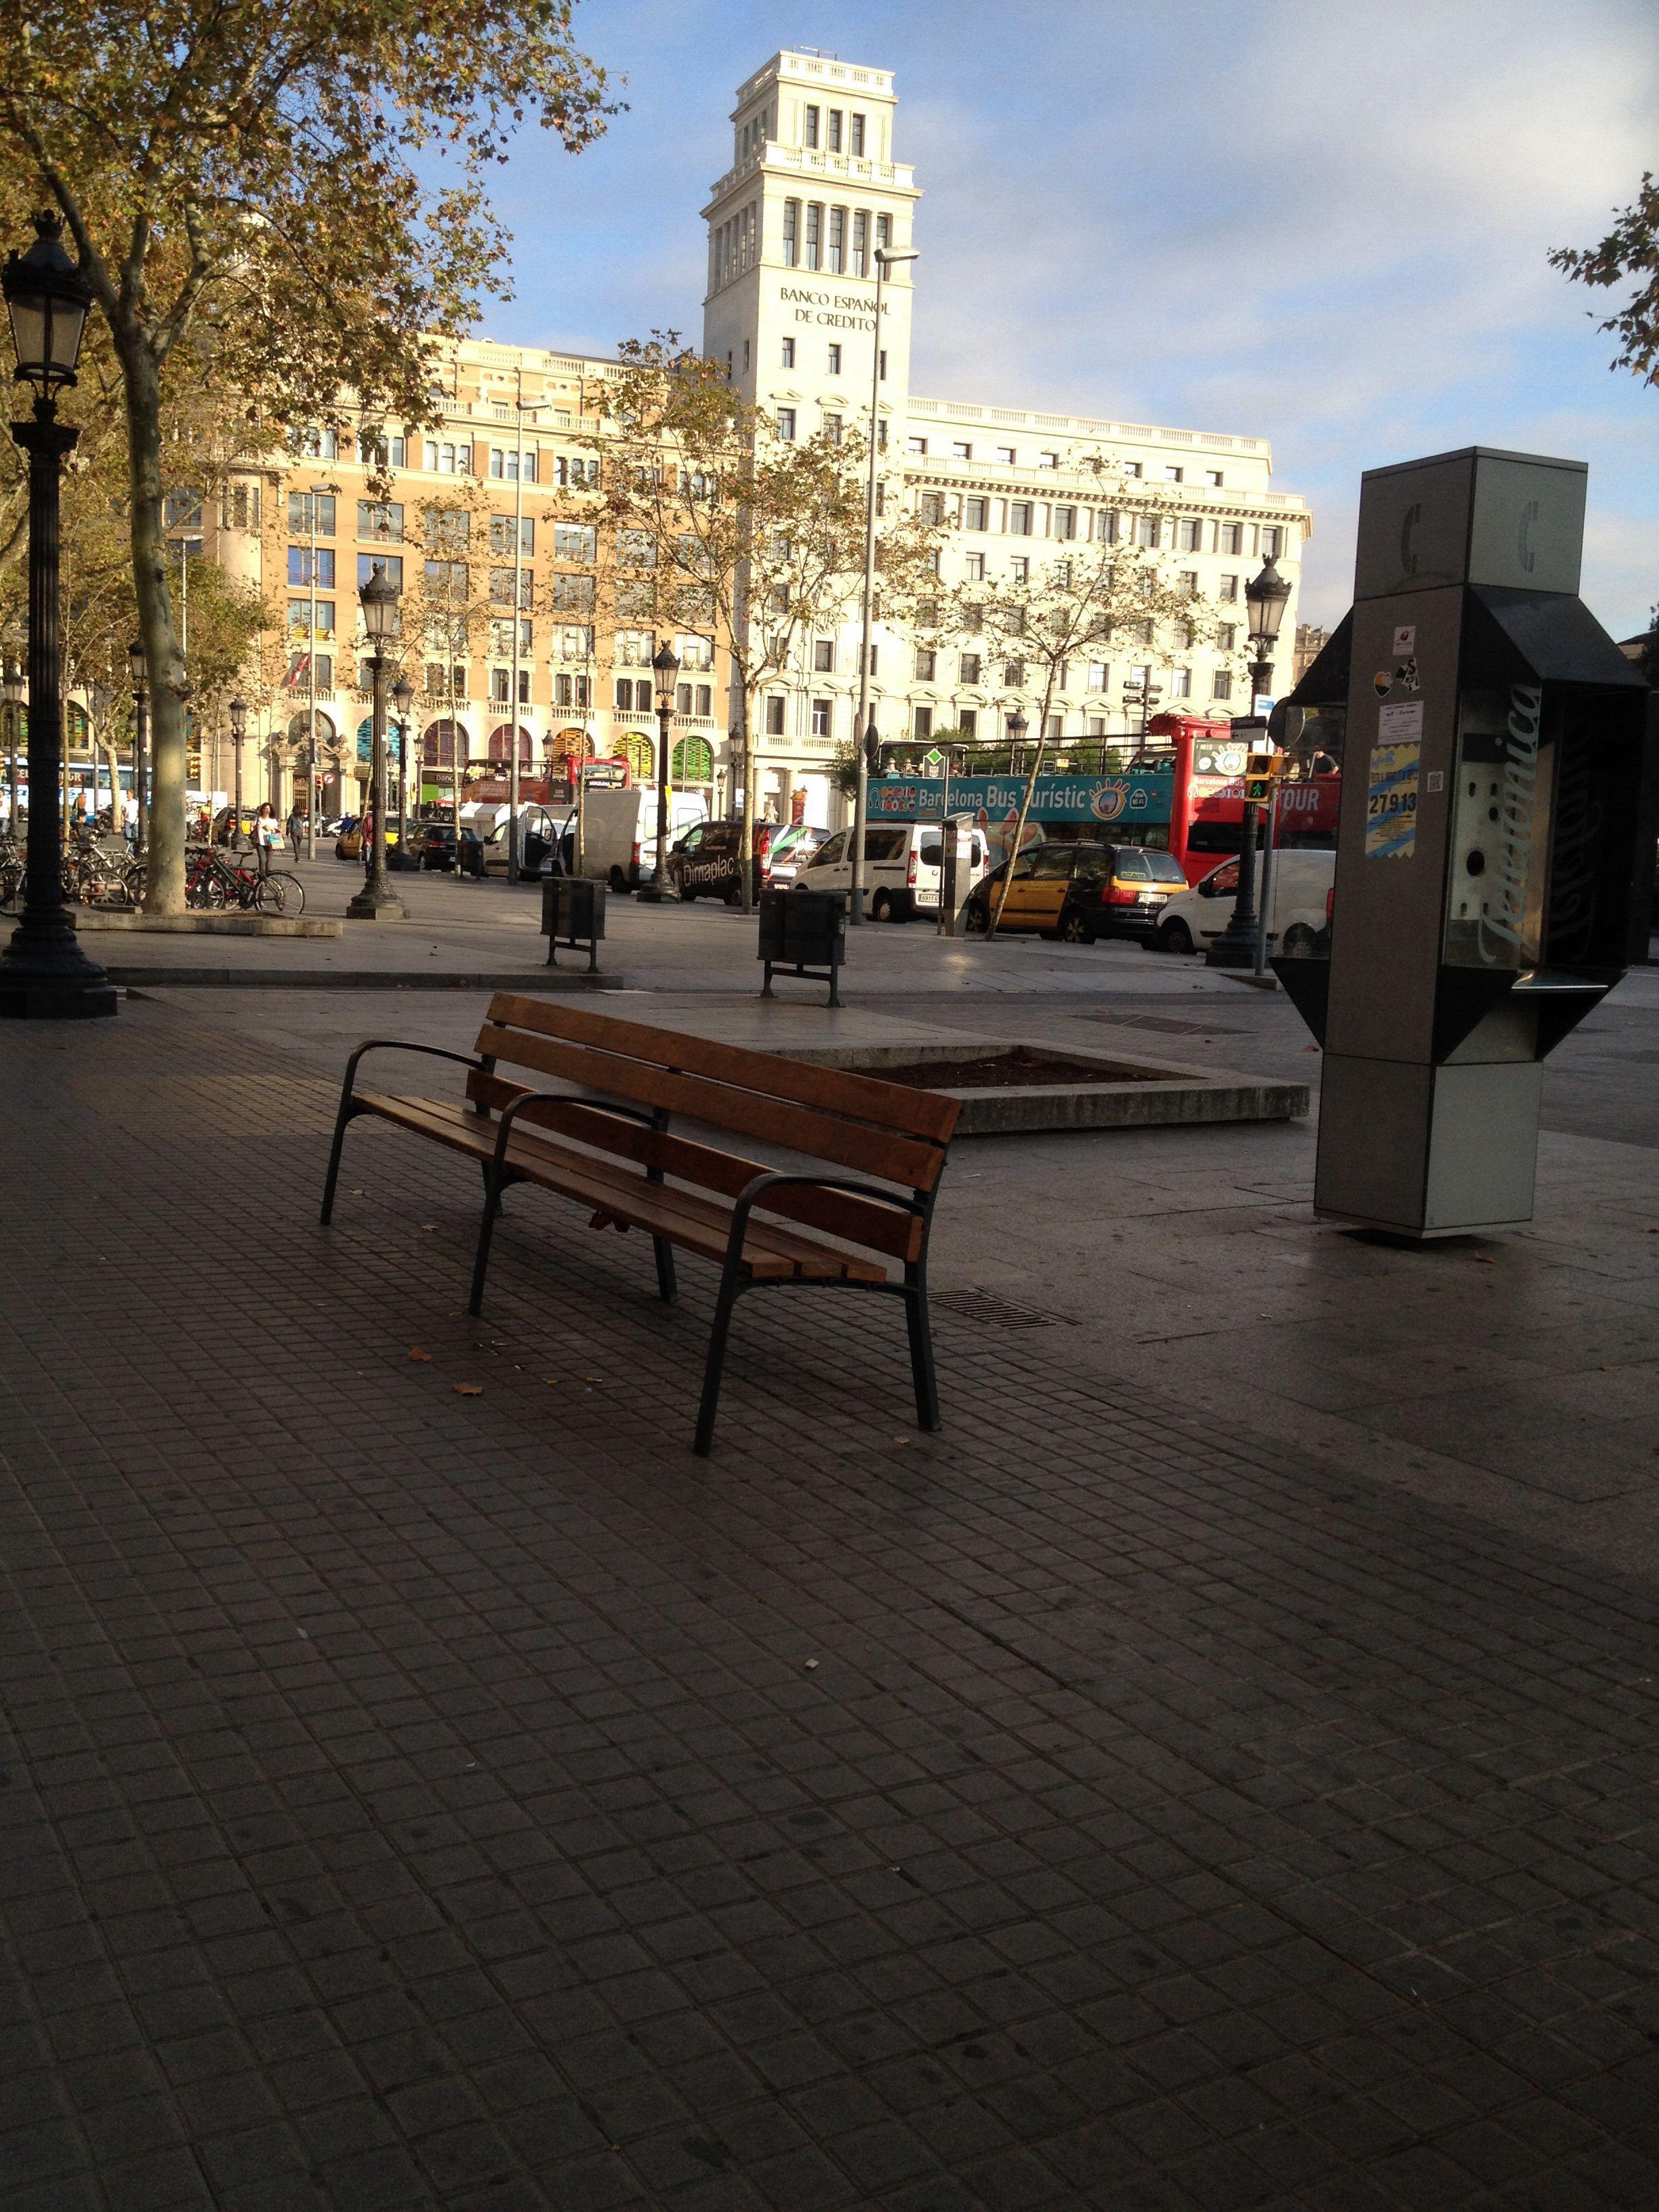 08-10 Plaça Catalunya, sol solet!!! Comença a refrescar per la tardor